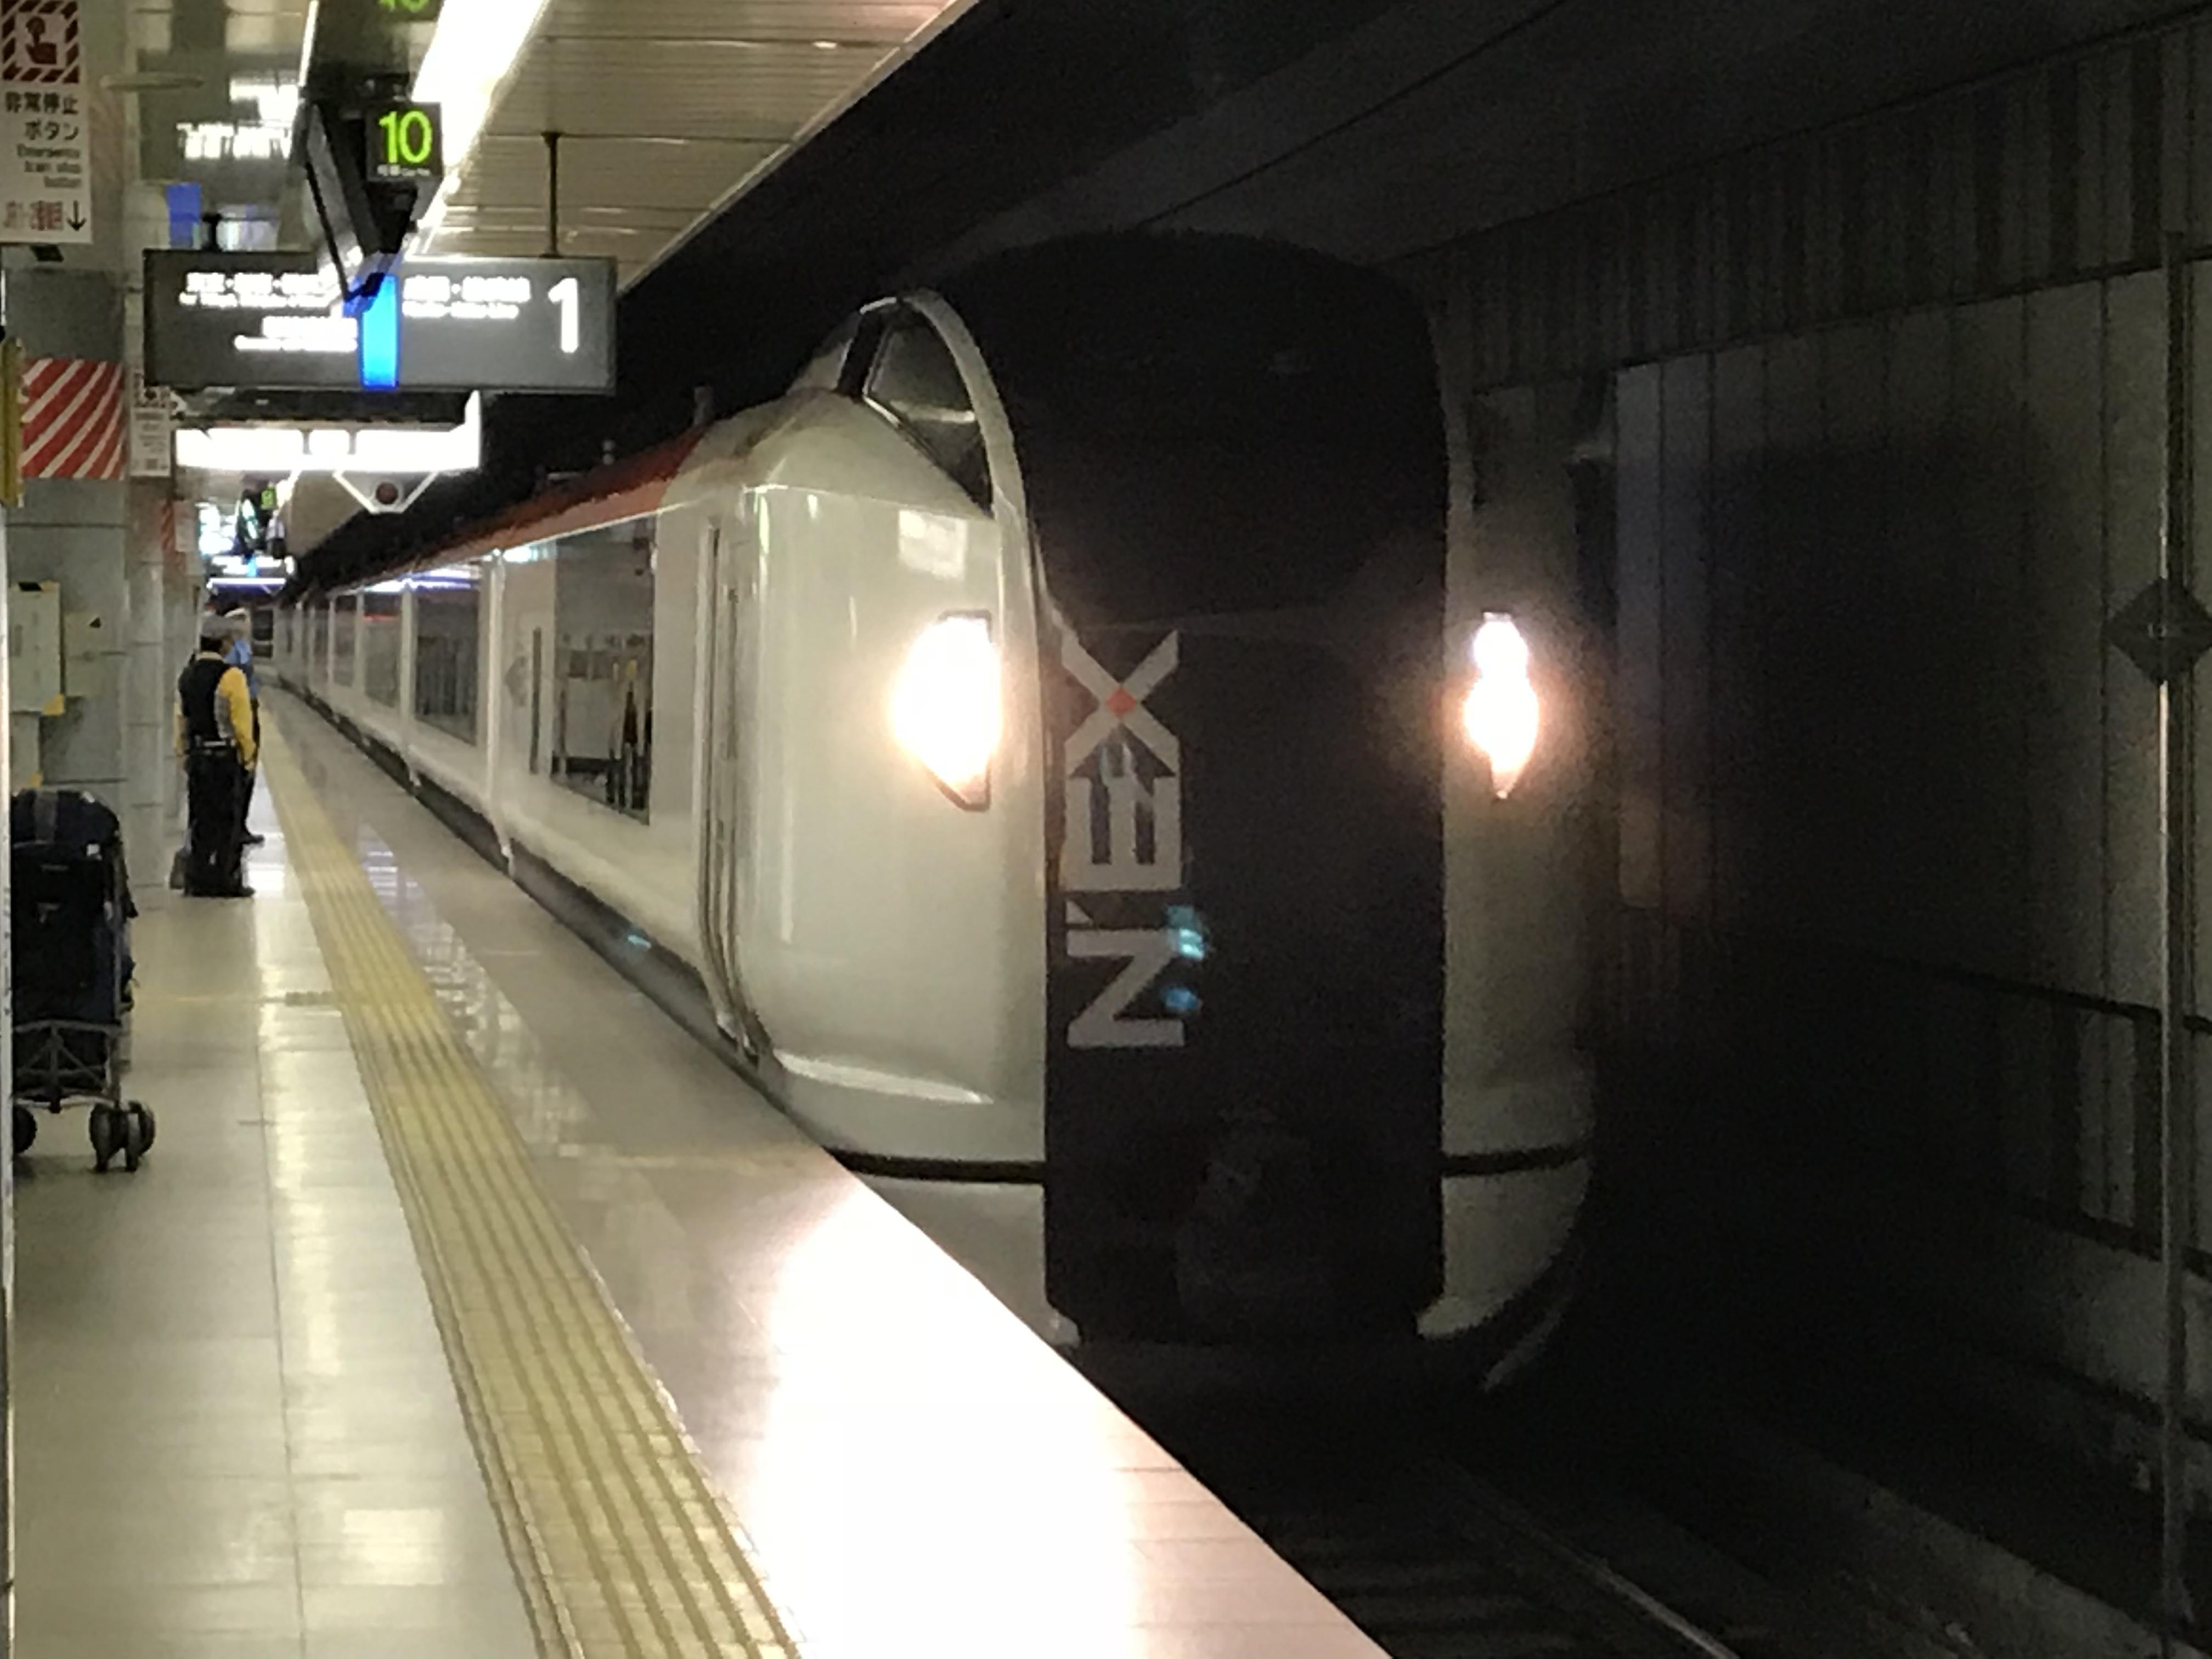 成田空港のアクセス徹底比較!【高い!特急成田エクスプレス乗車記】